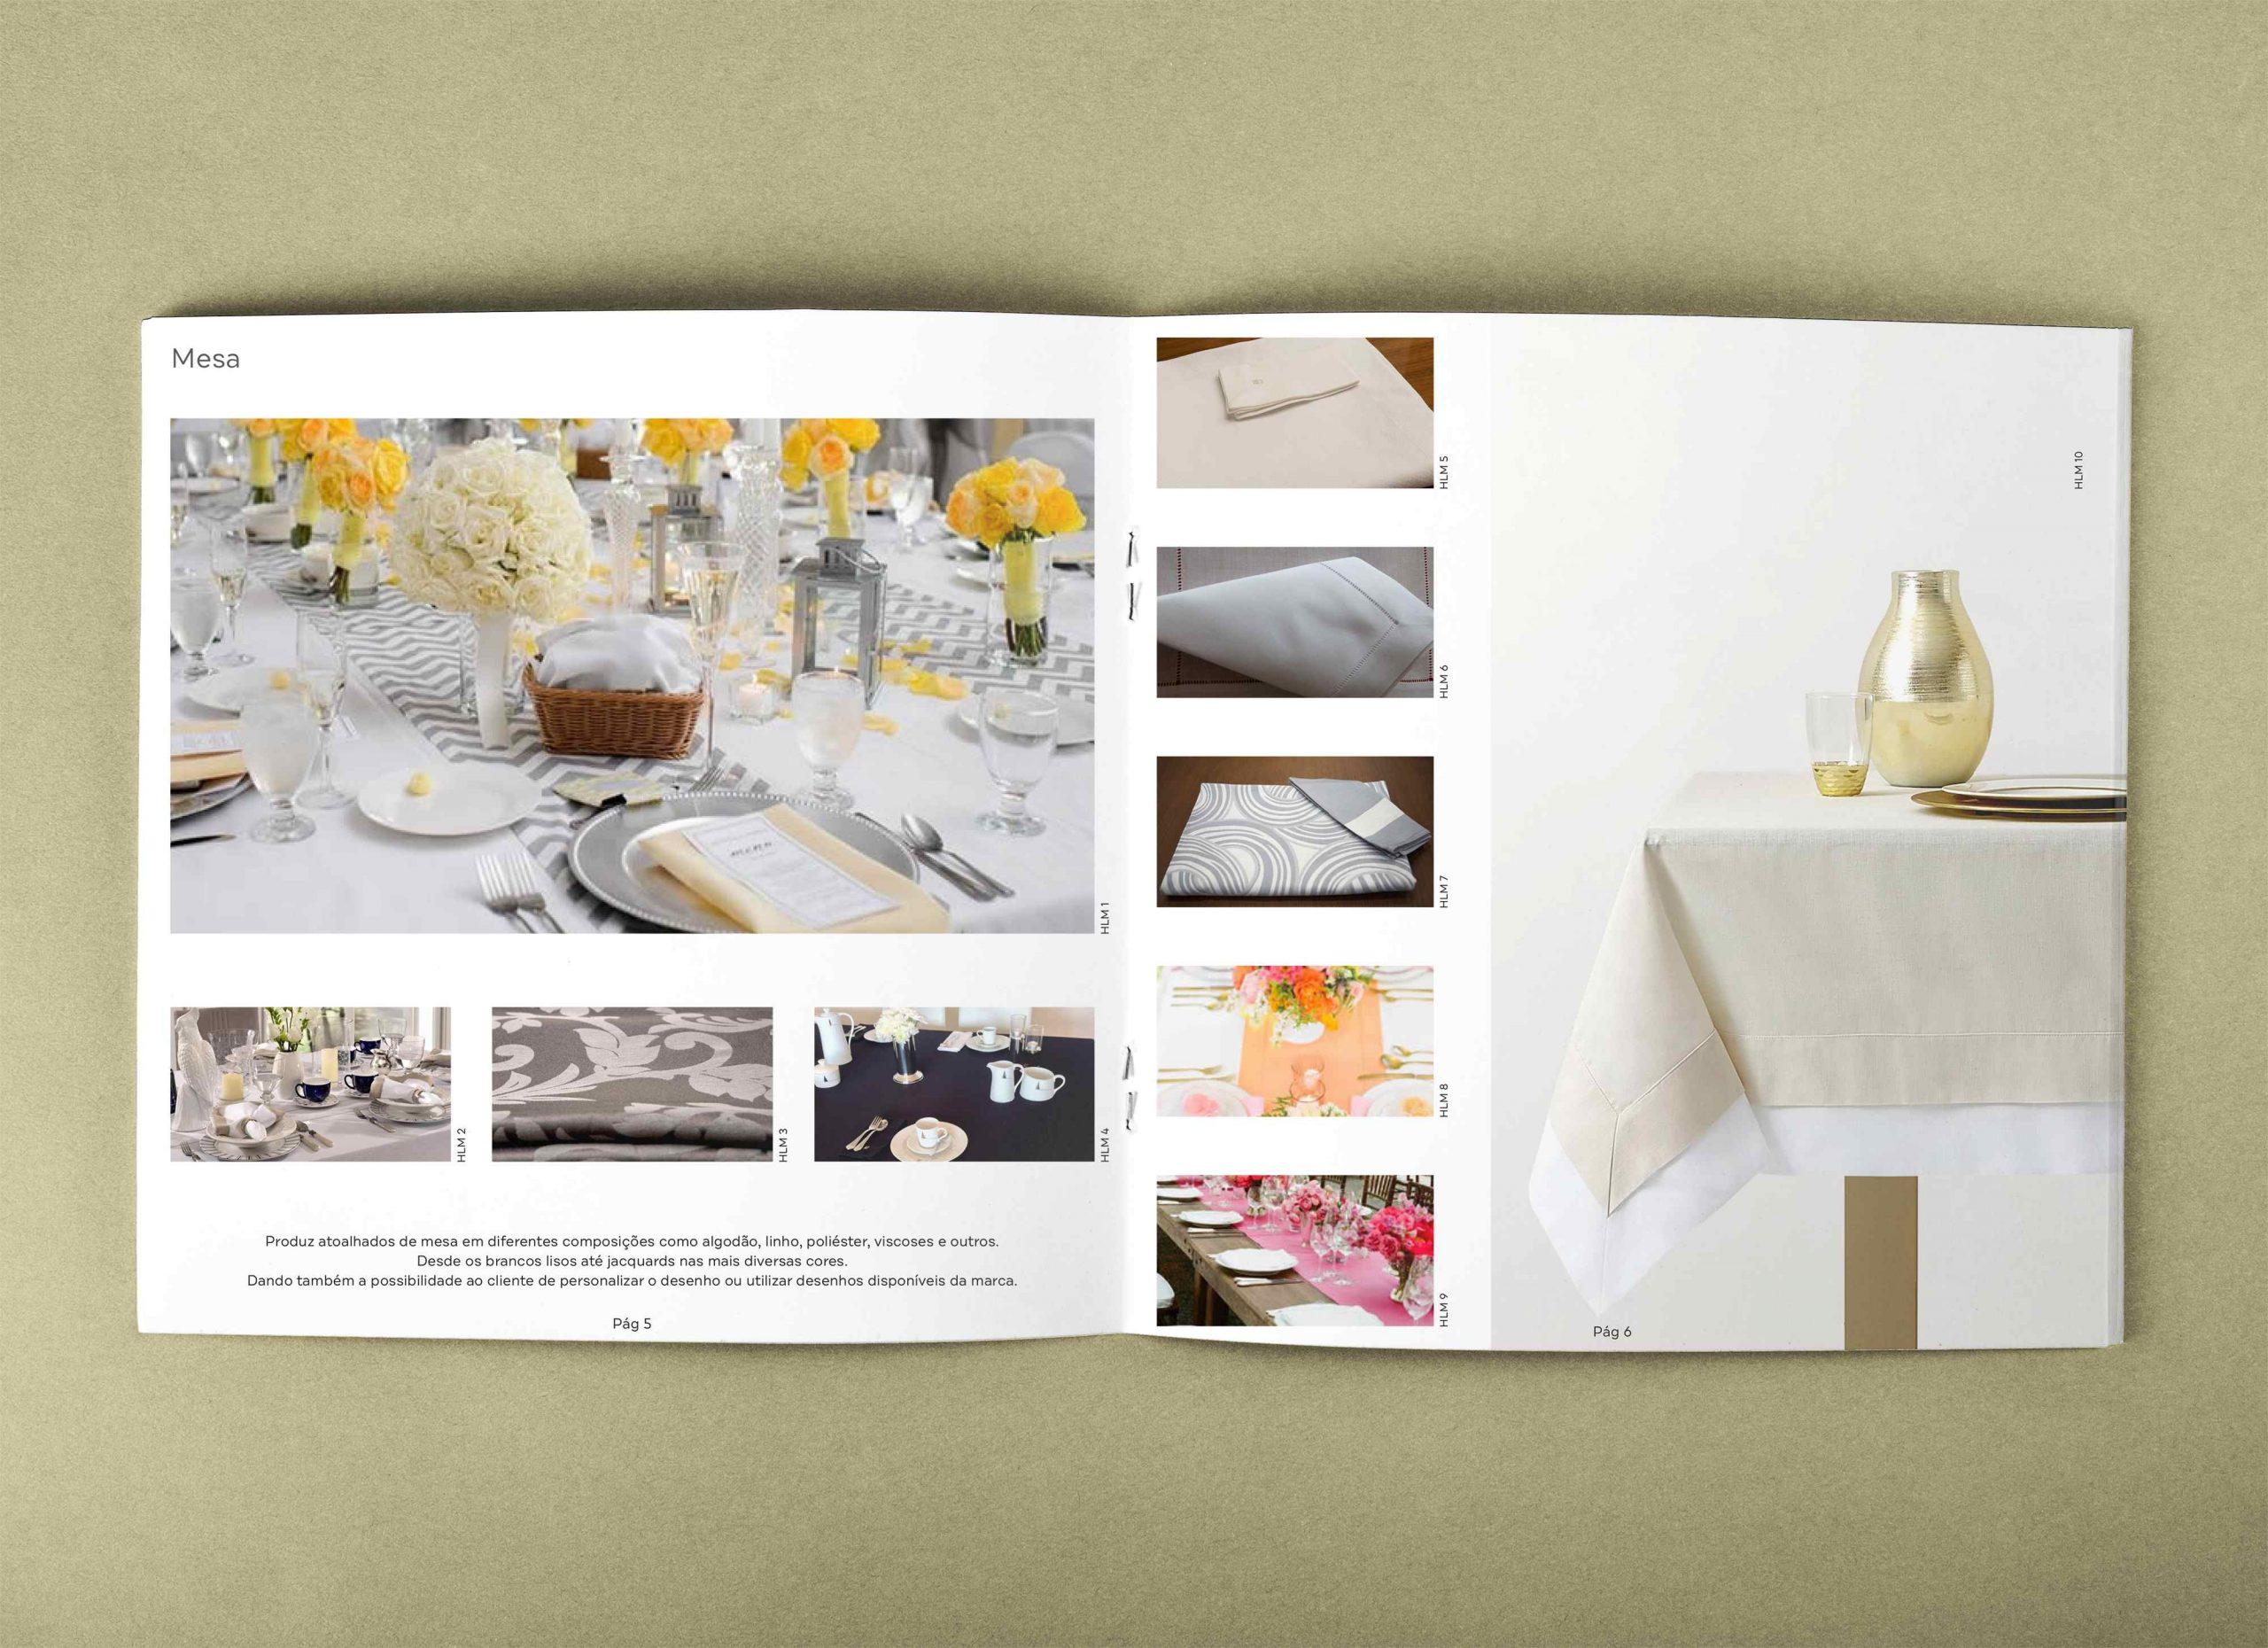 design e impressao catalogo